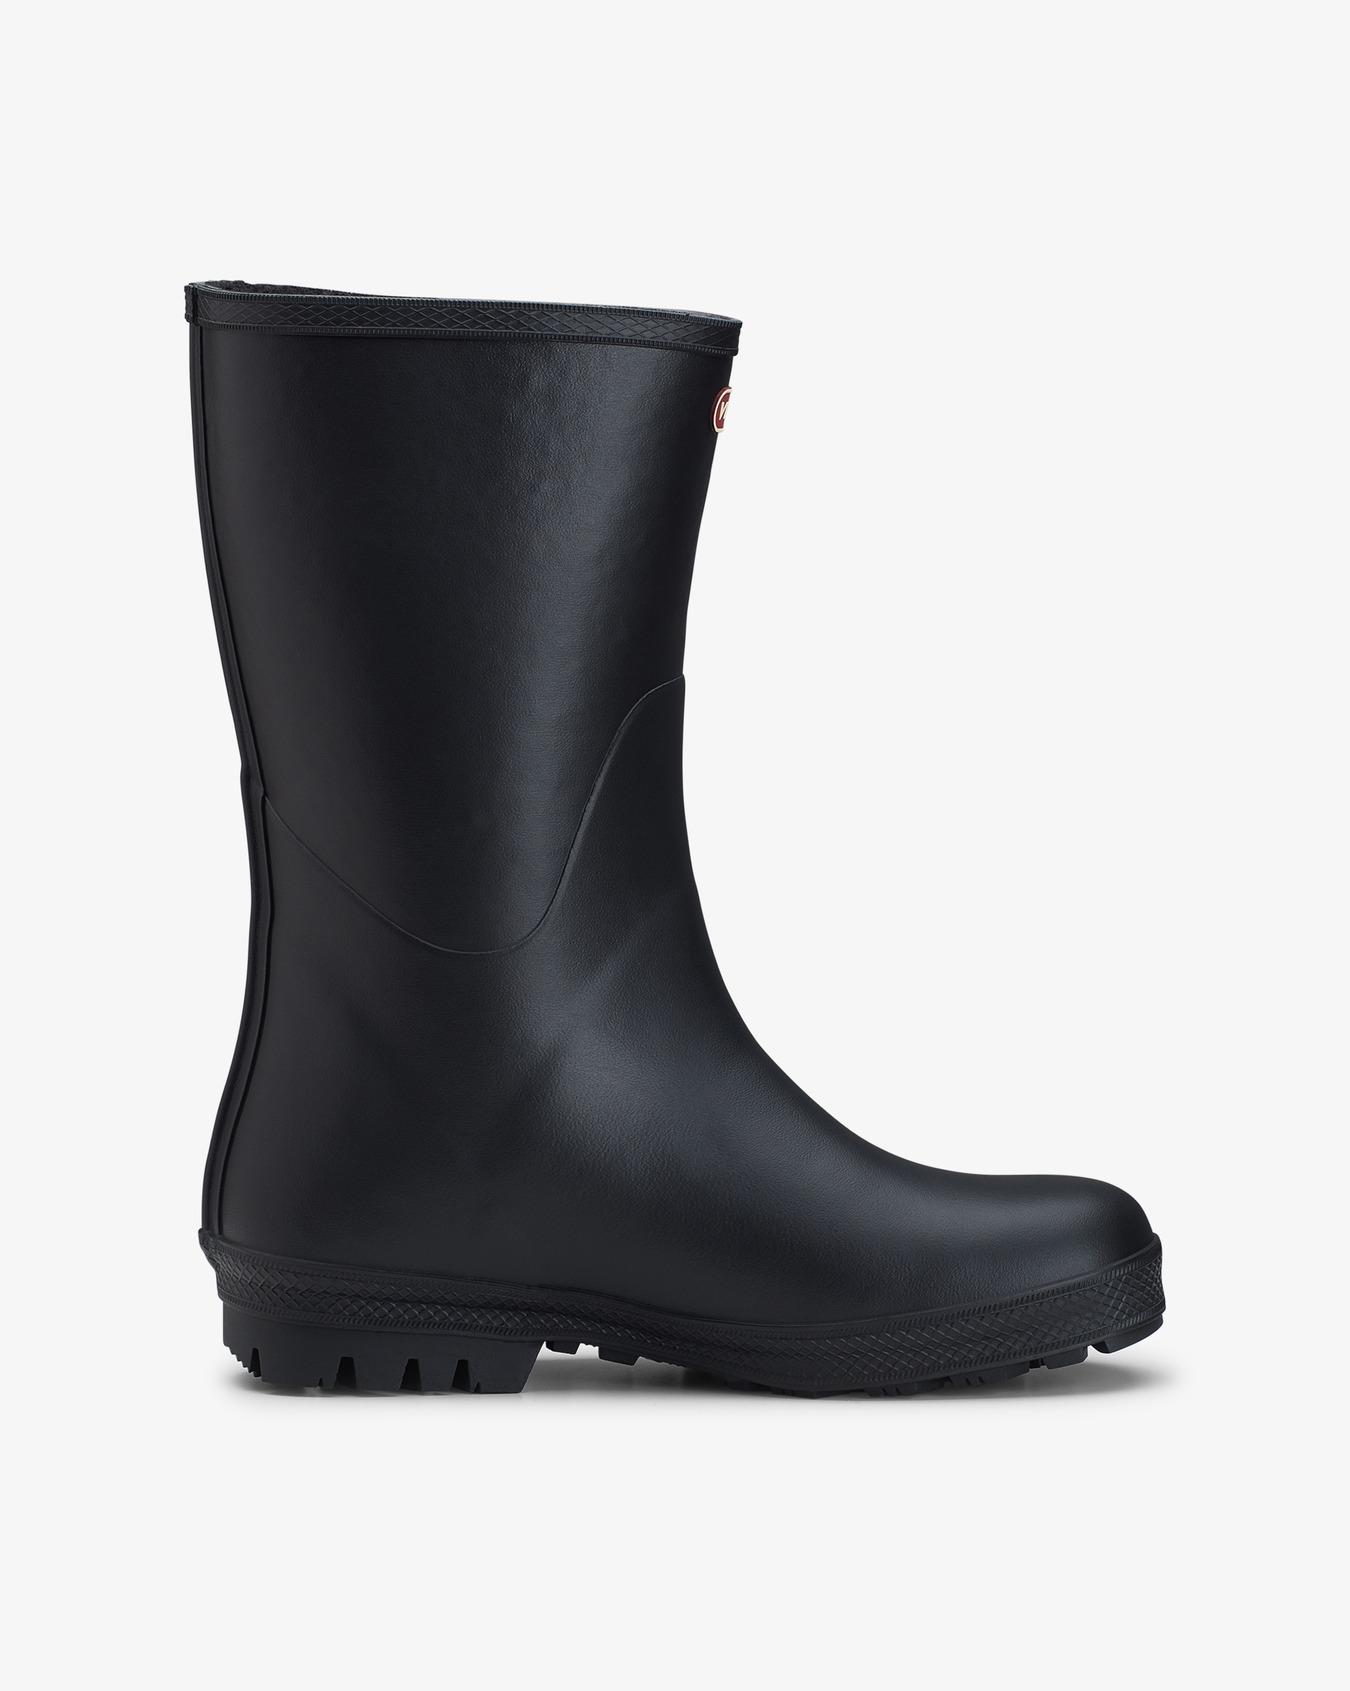 Hedda Vinter Black Rubber Boots